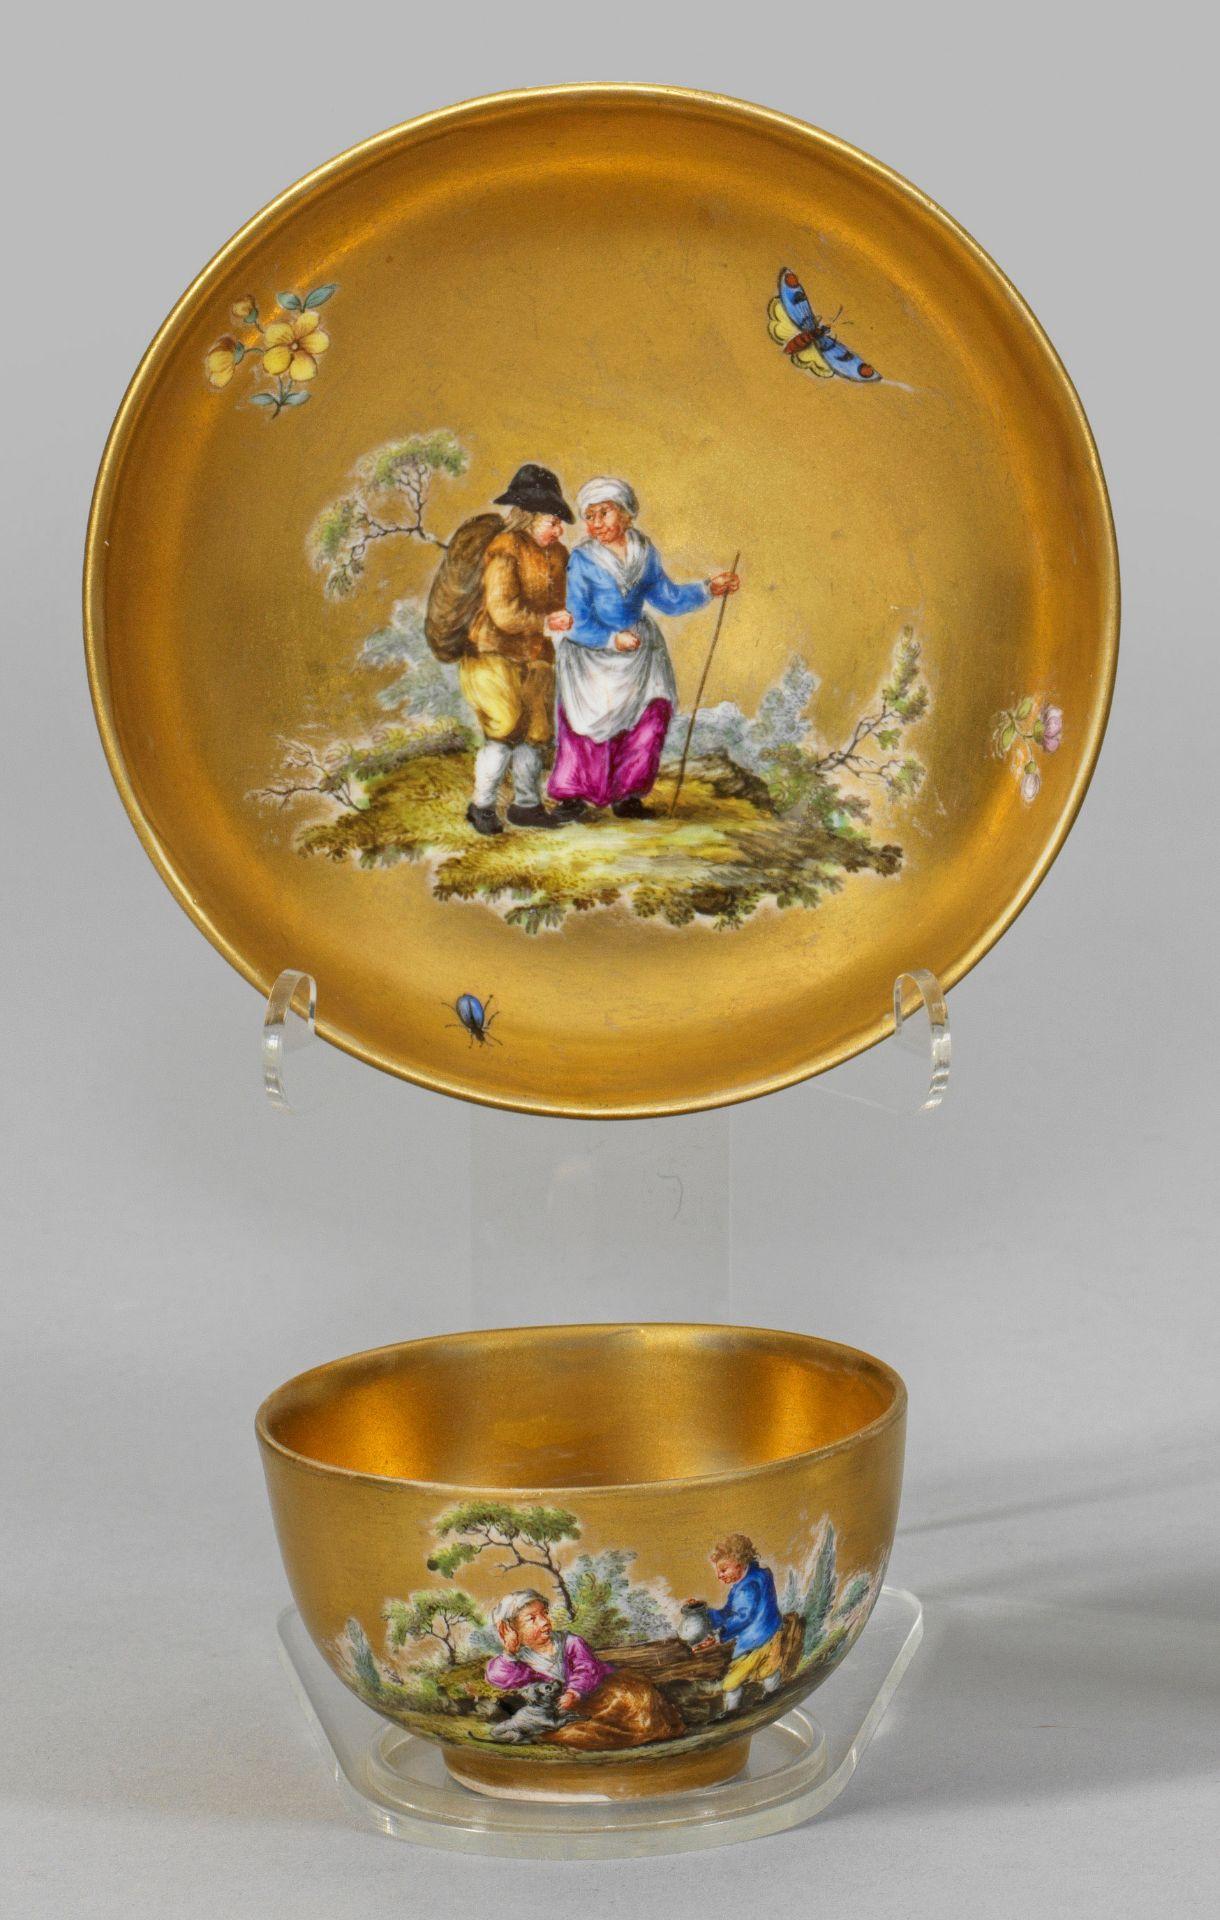 Goldfond-Tasse - Bild 2 aus 2